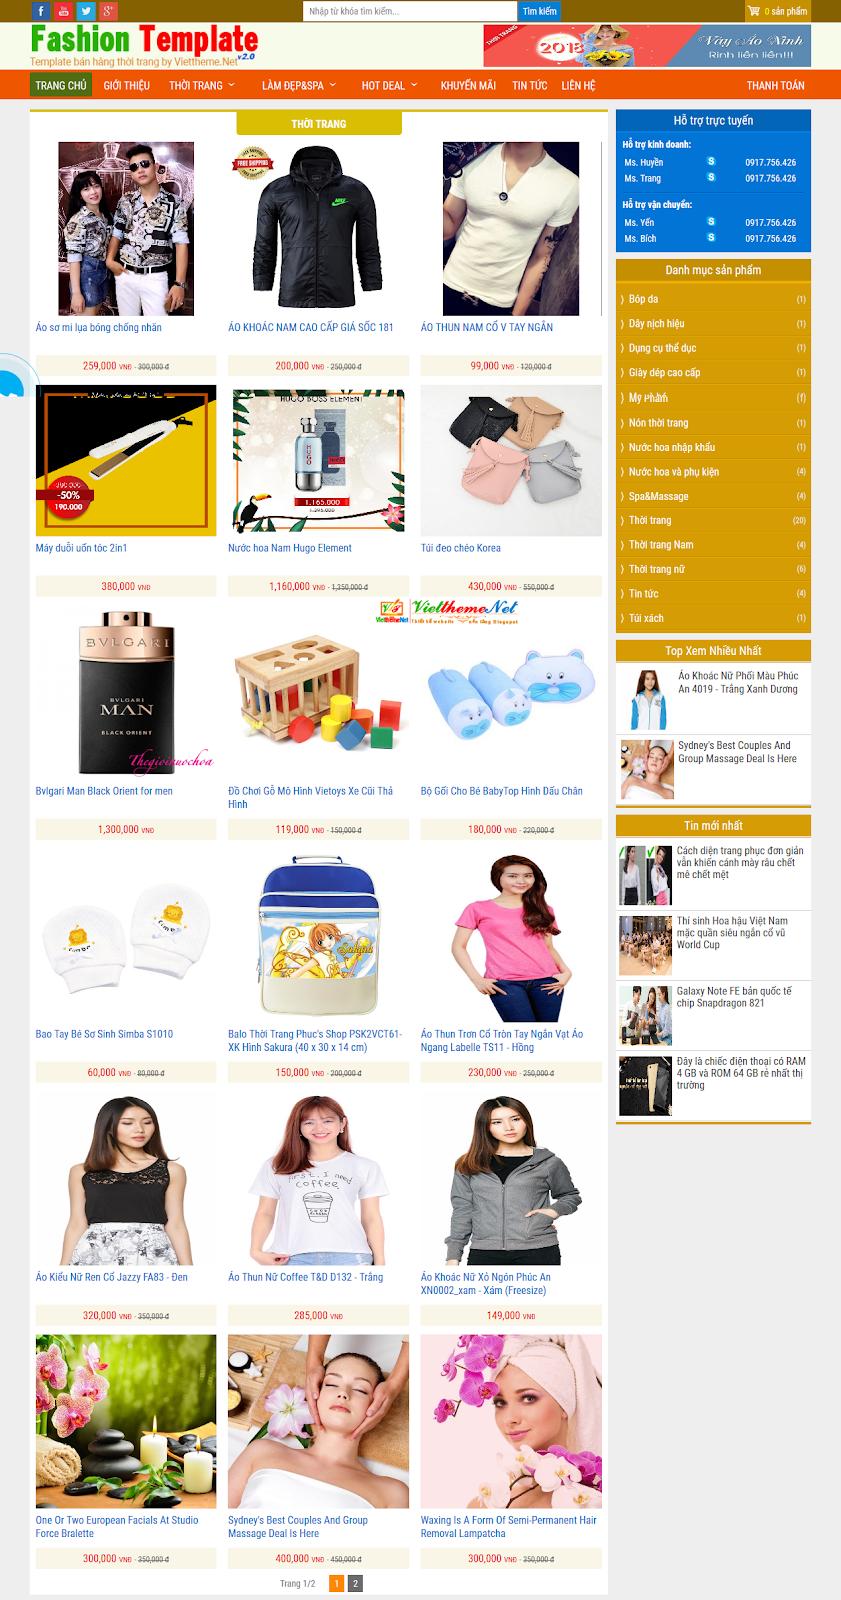 Trang chuyên mục hiển thị thông minh theo sản phẩm hoặc bài viết tin tức